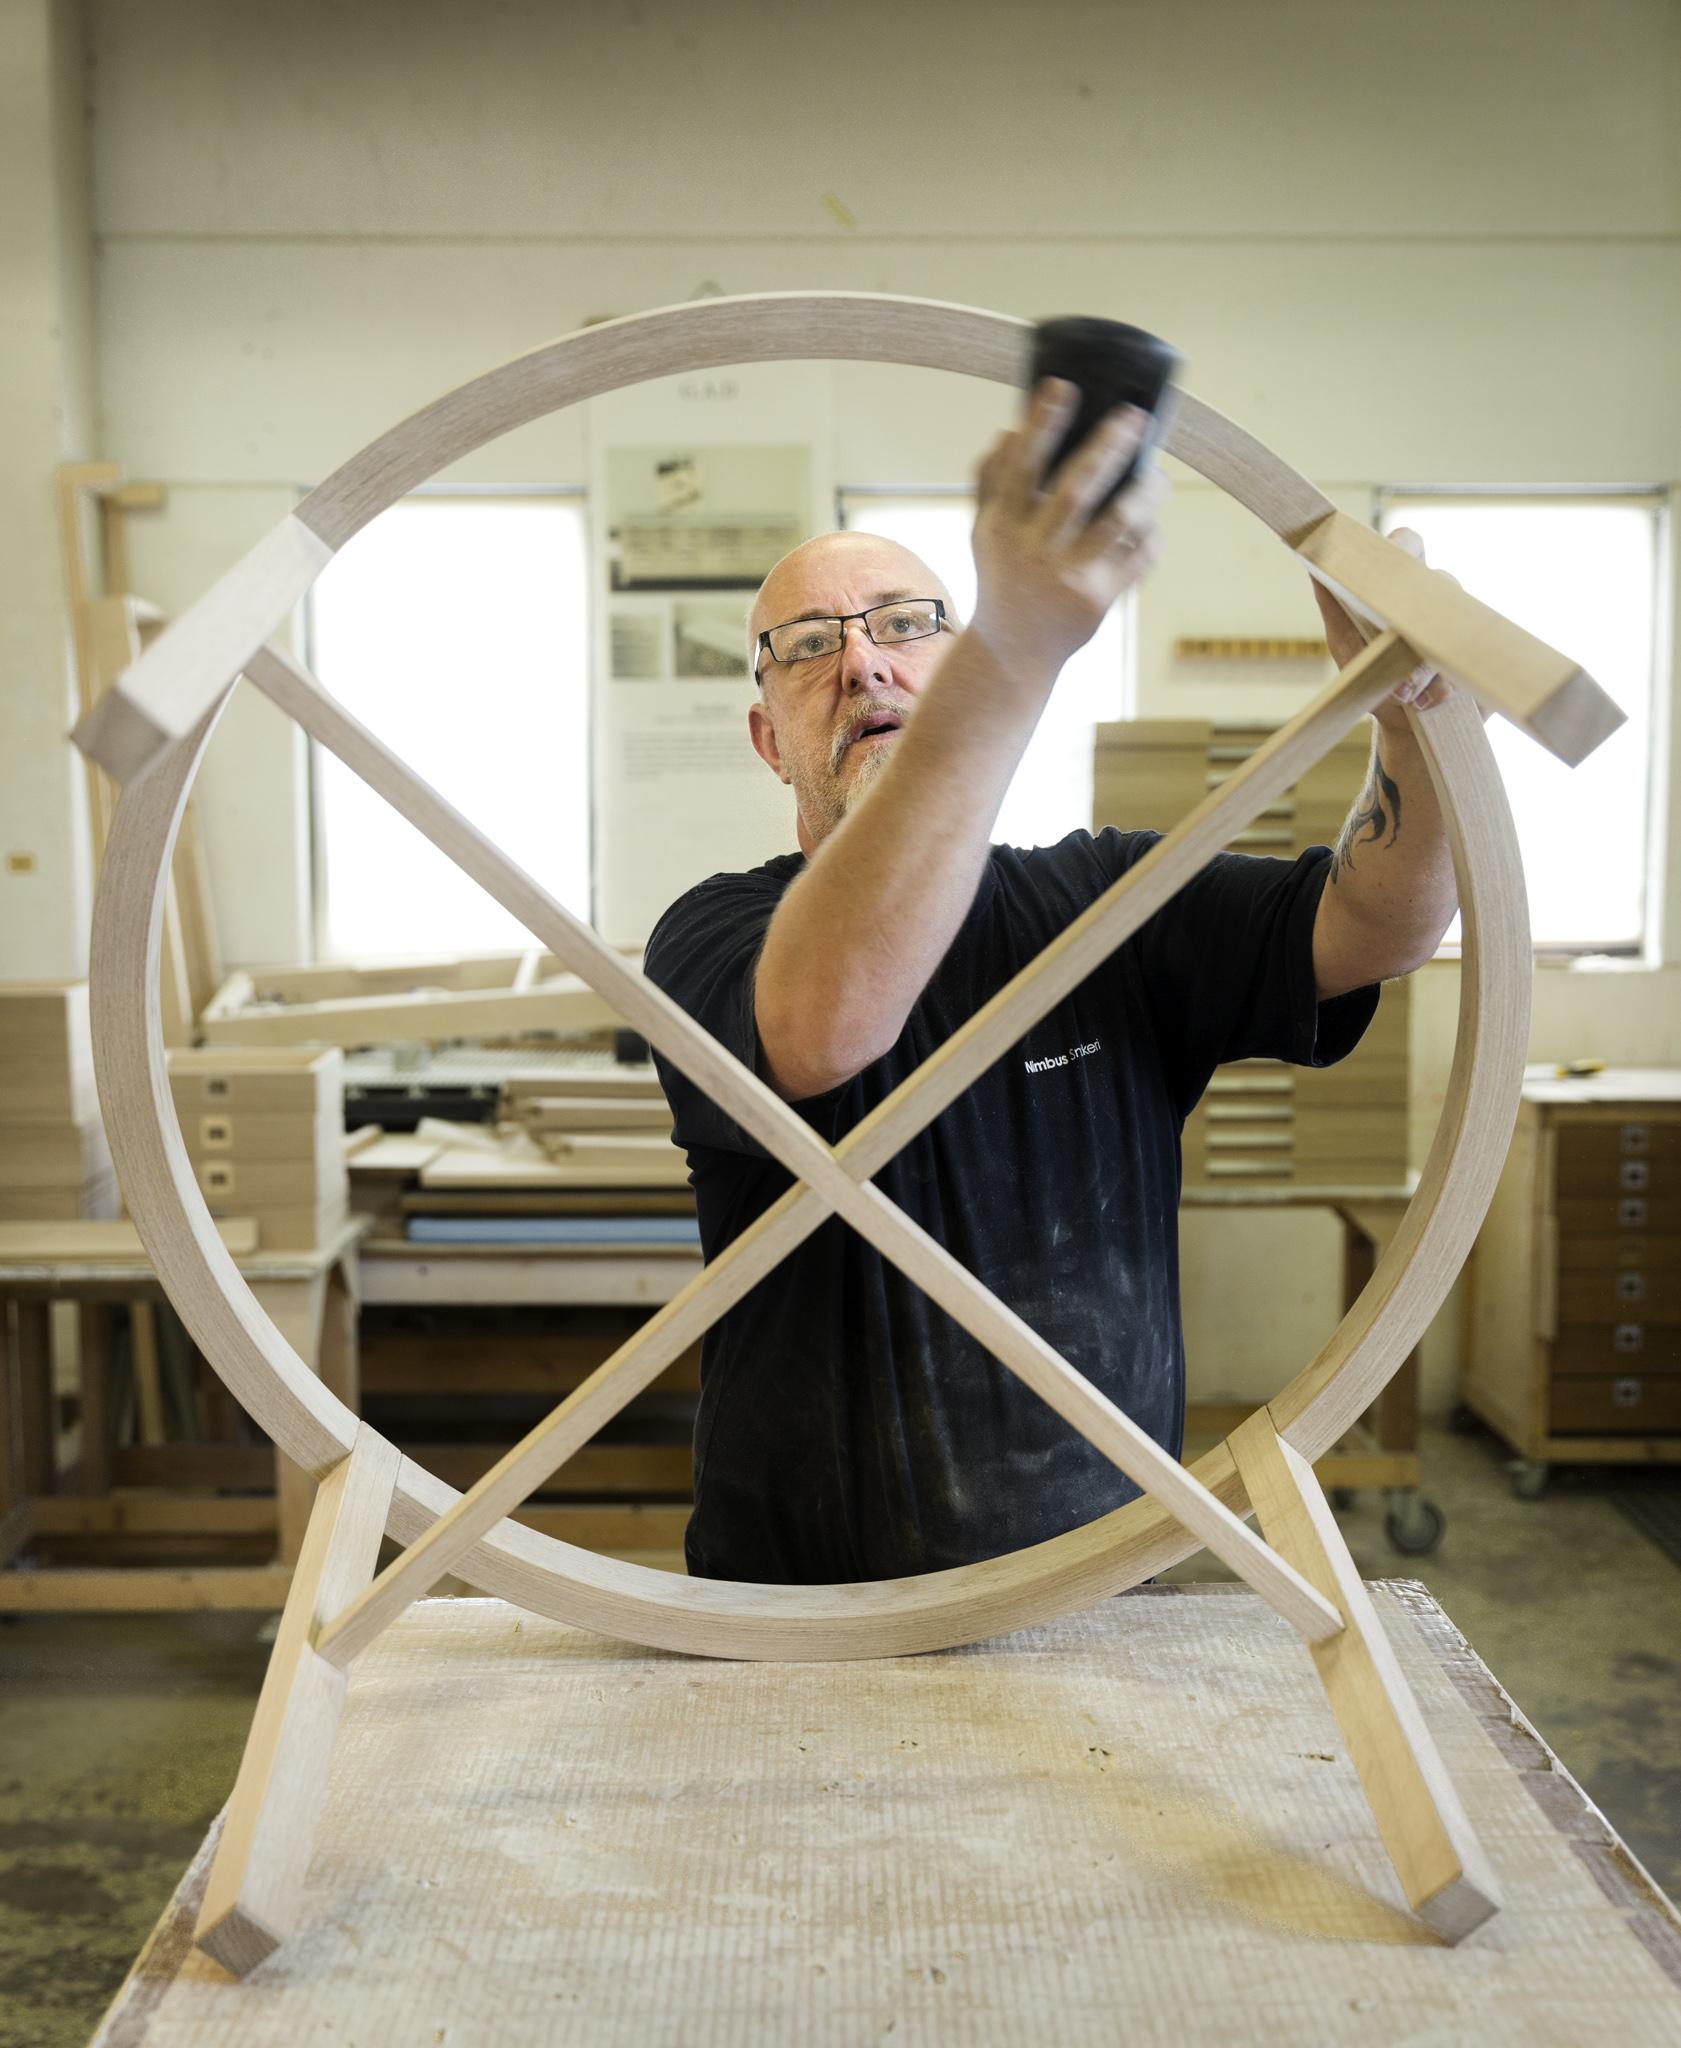 G.A.D är ett gotländskt företag vars möbler genomsyras av ett genuint möbelhantverk och en tidlös design.